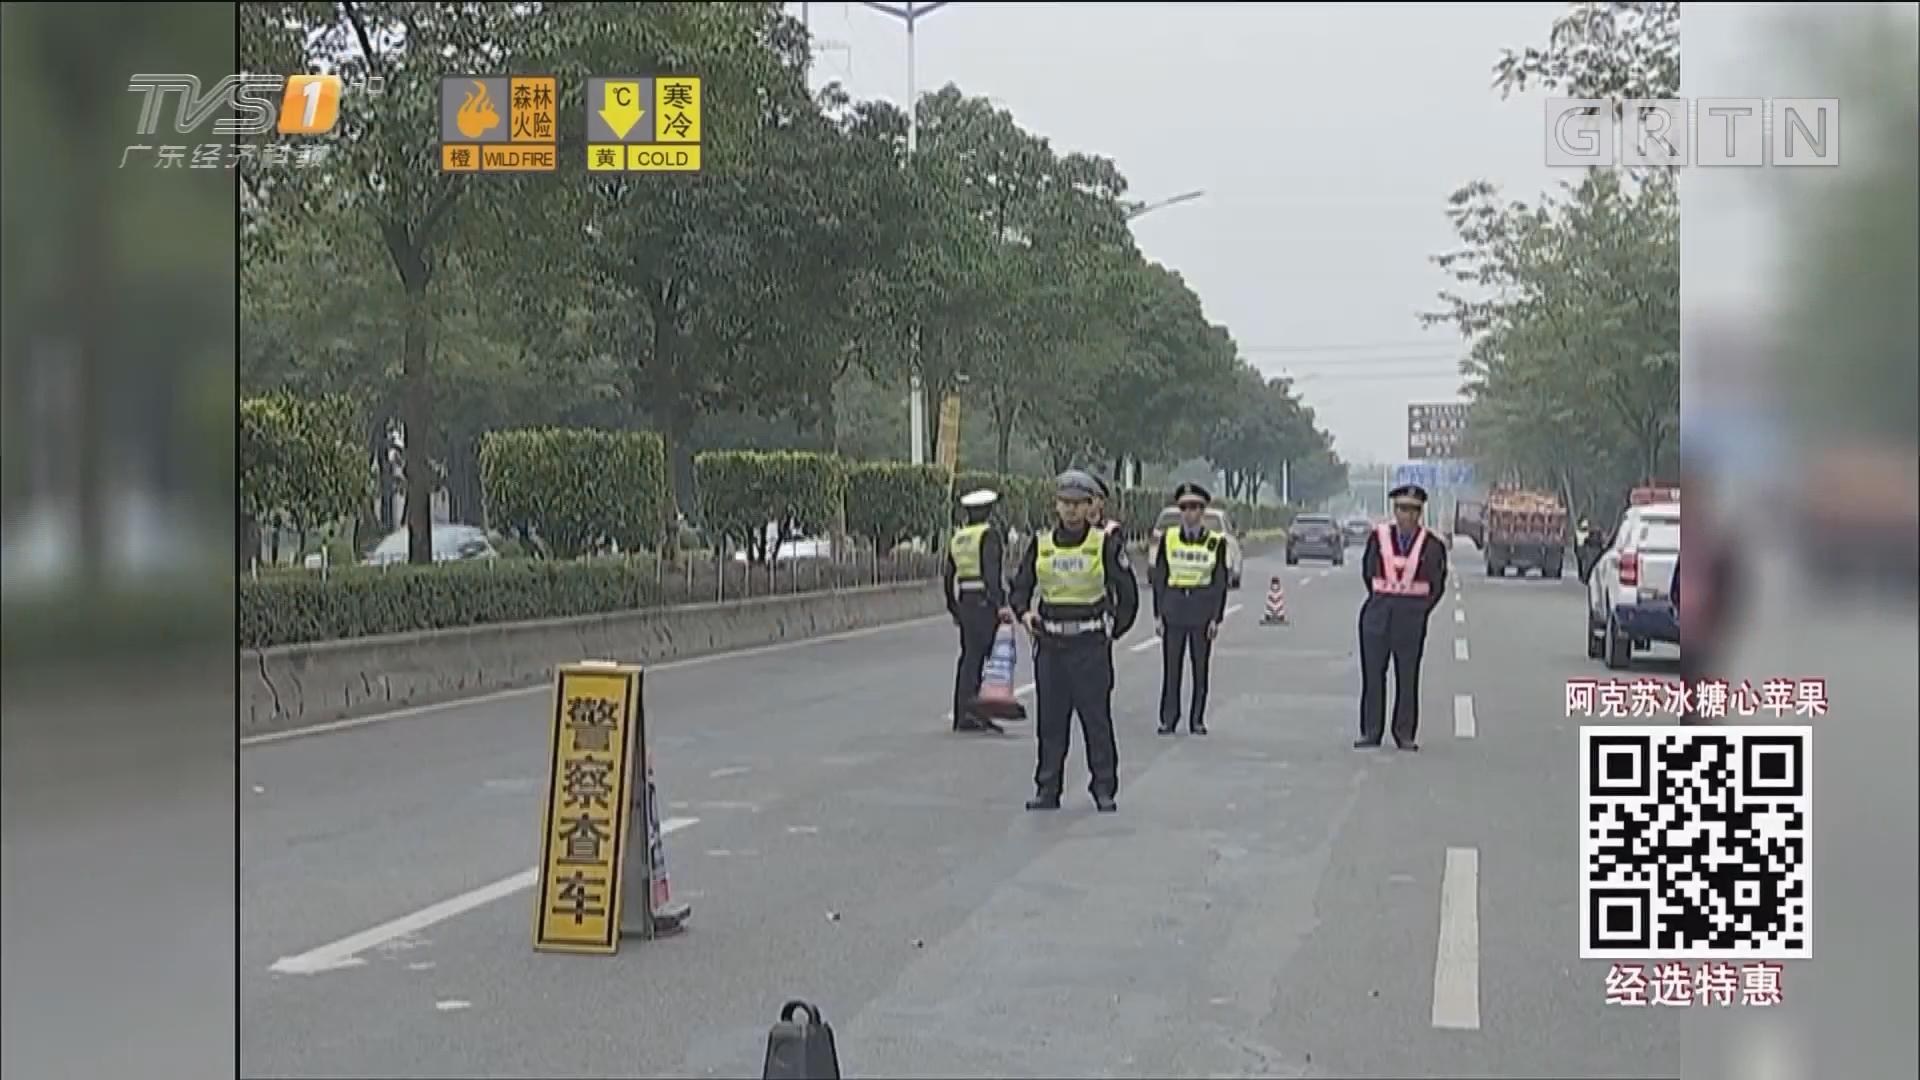 佛山:九单违章未处理 女子暴力抗法被刑拘